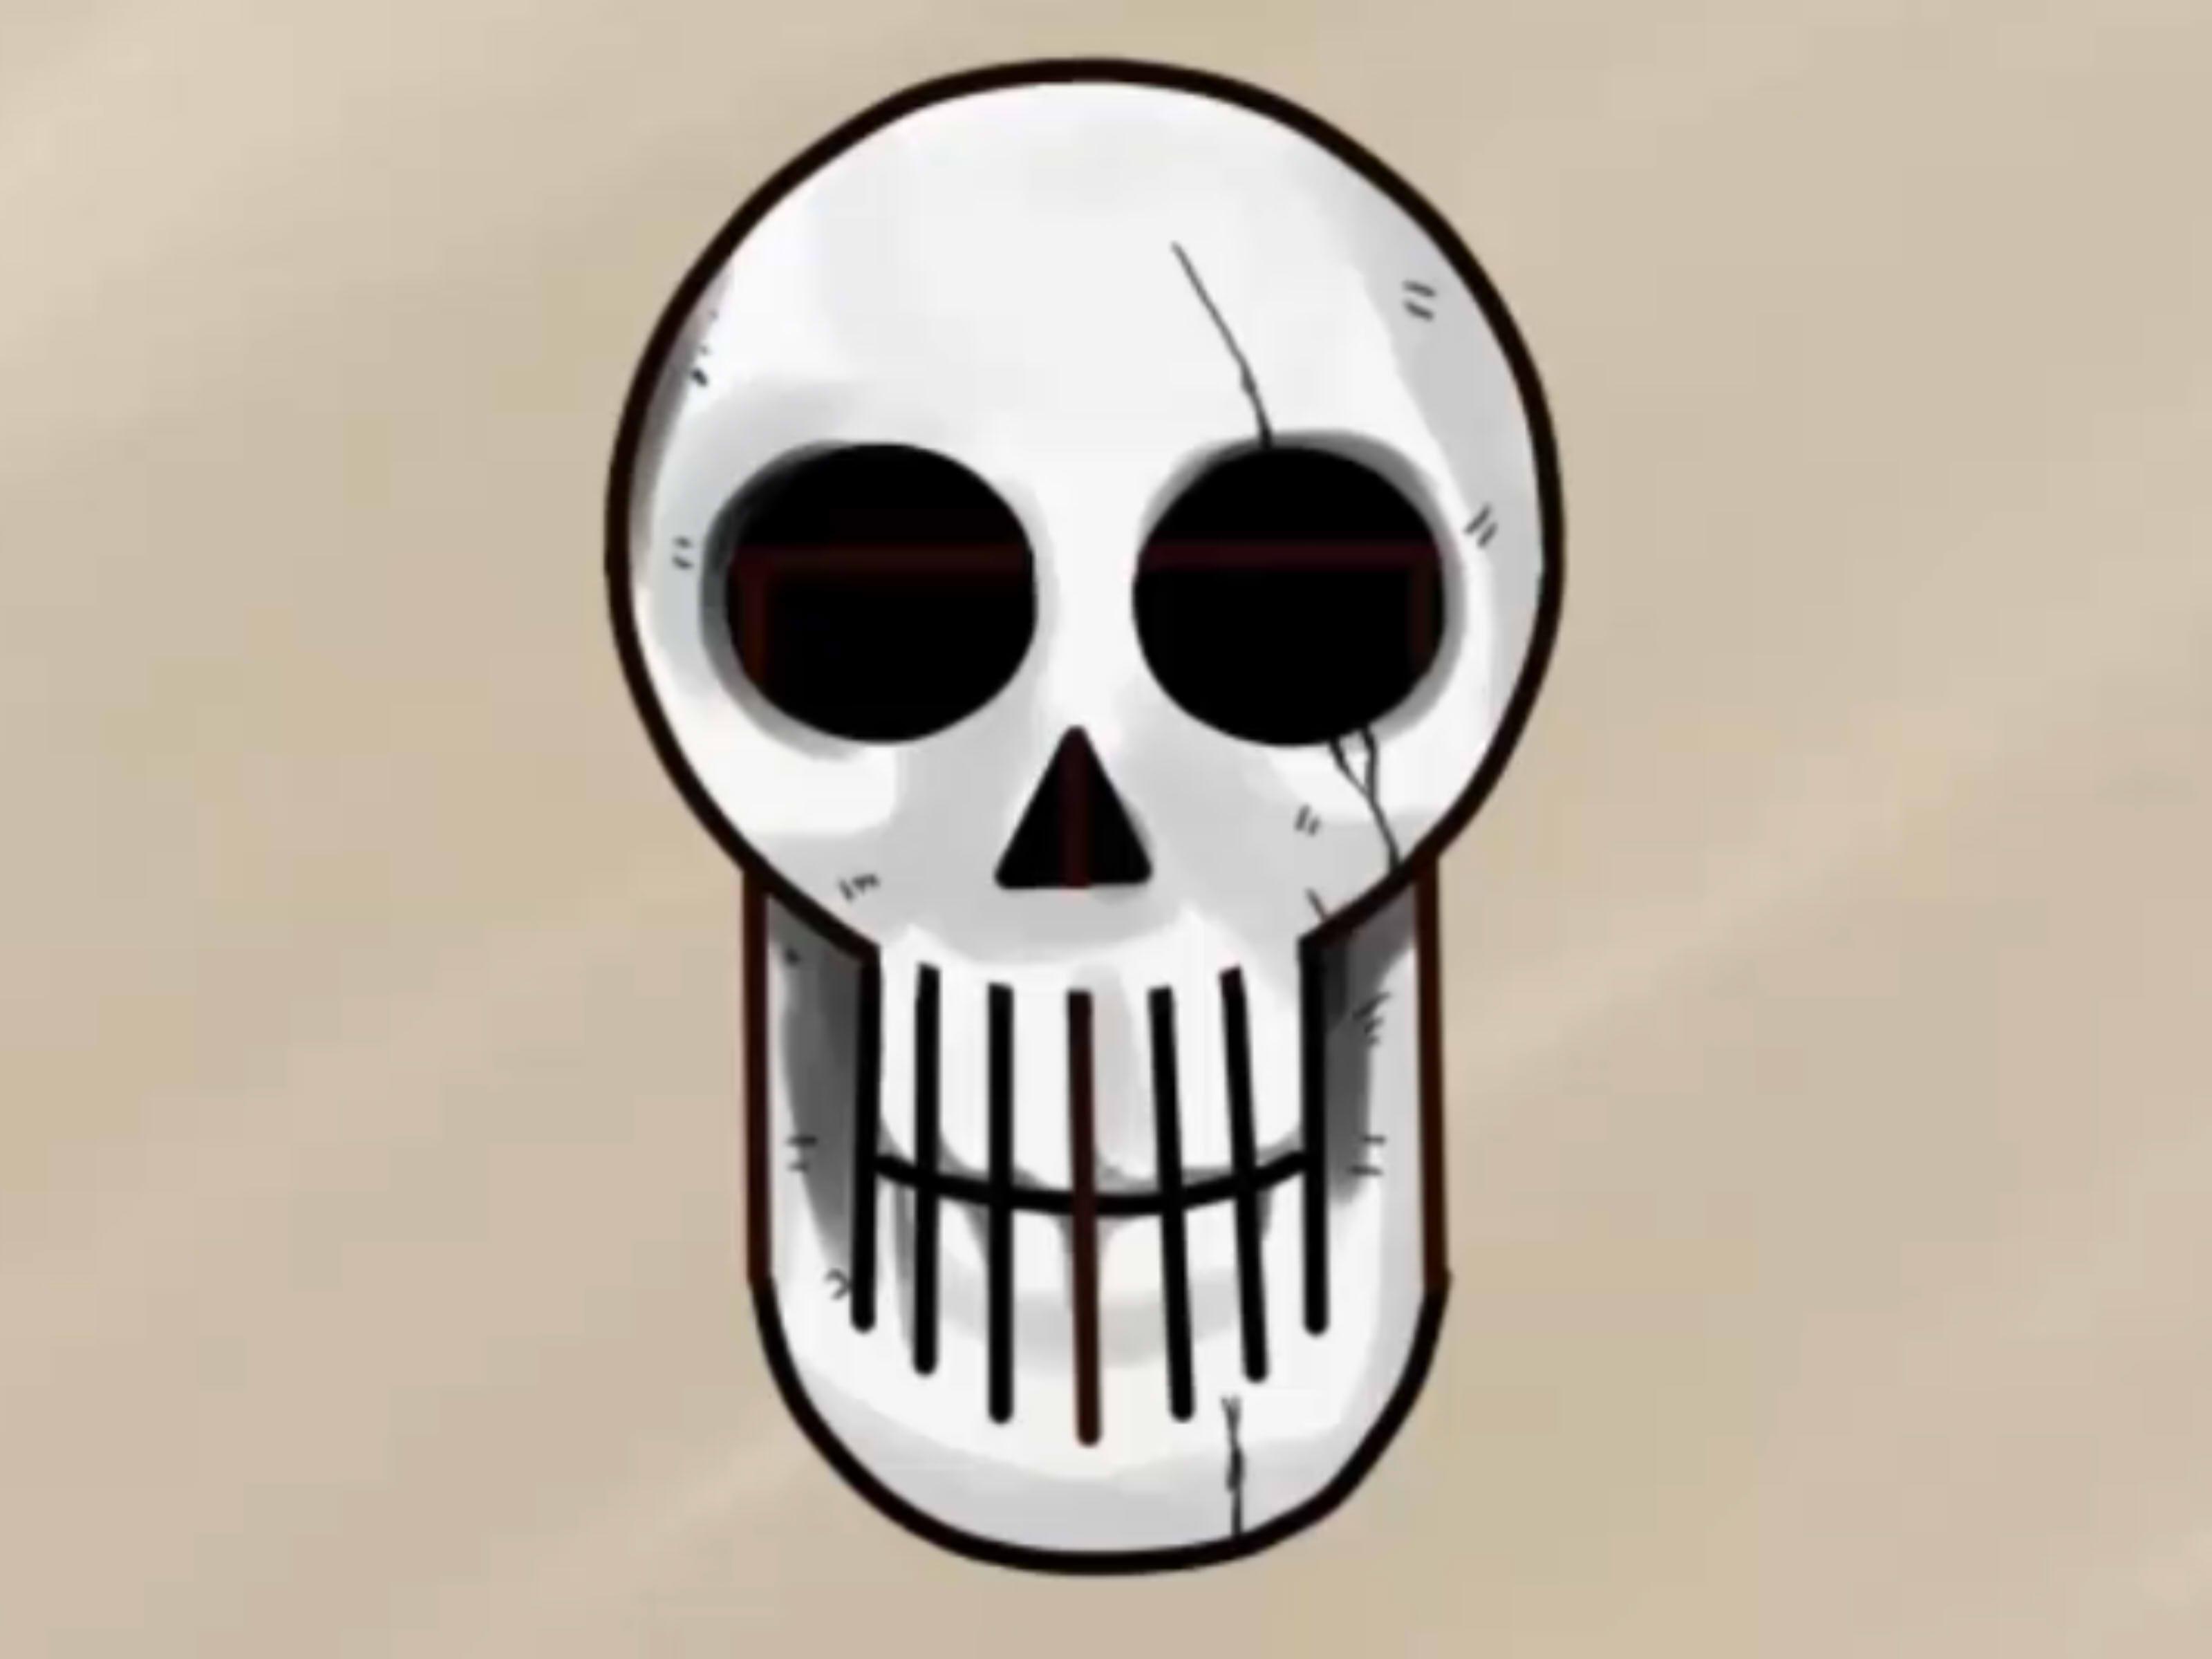 3200x2400 Ways To Draw A Skull